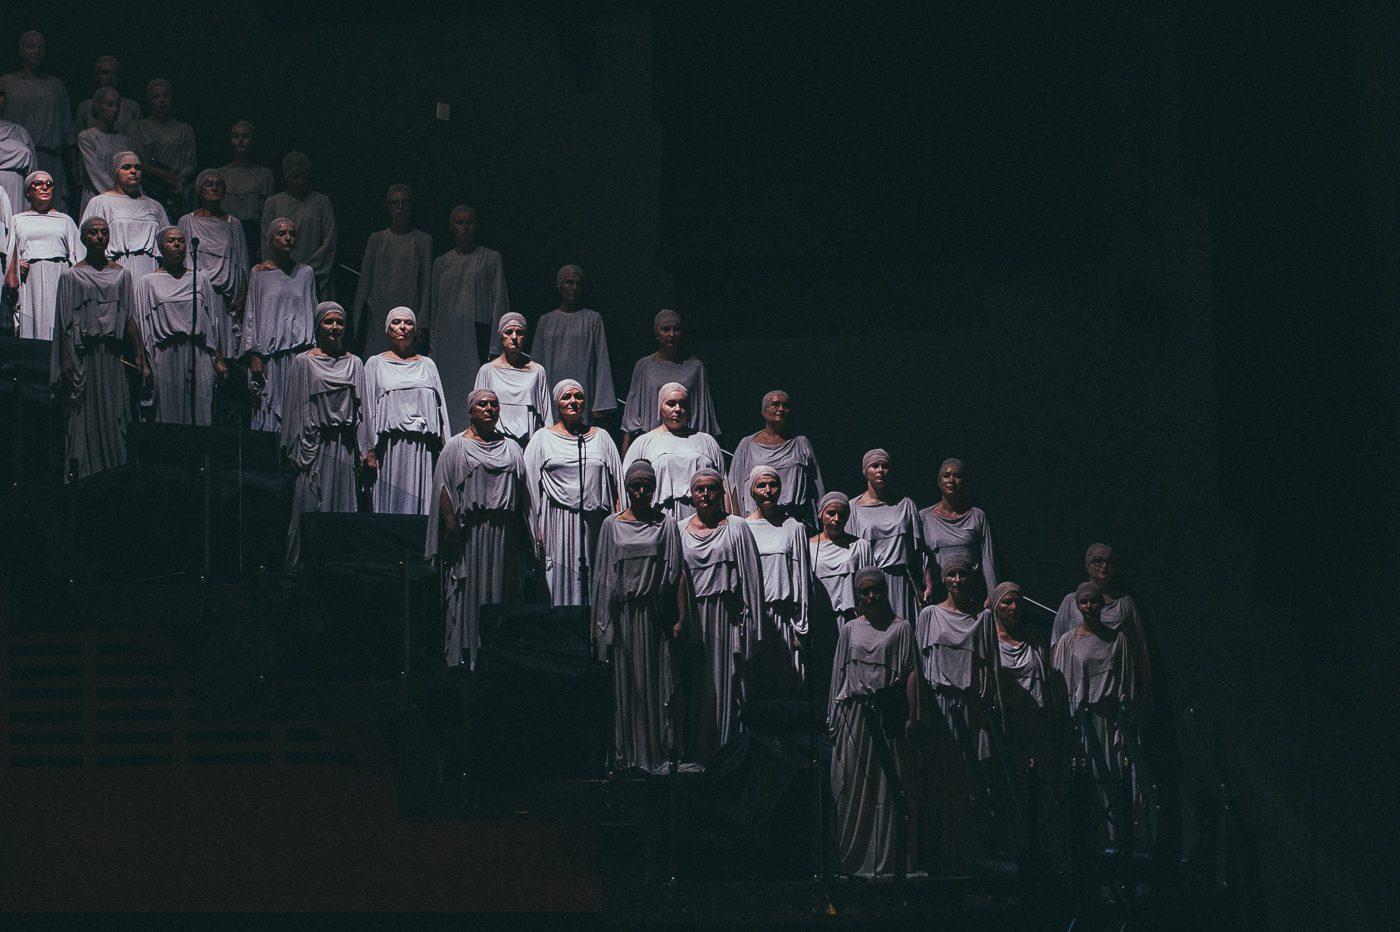 Premjera Zorba Muzikinis Teatras E.sabaliauskaite 003